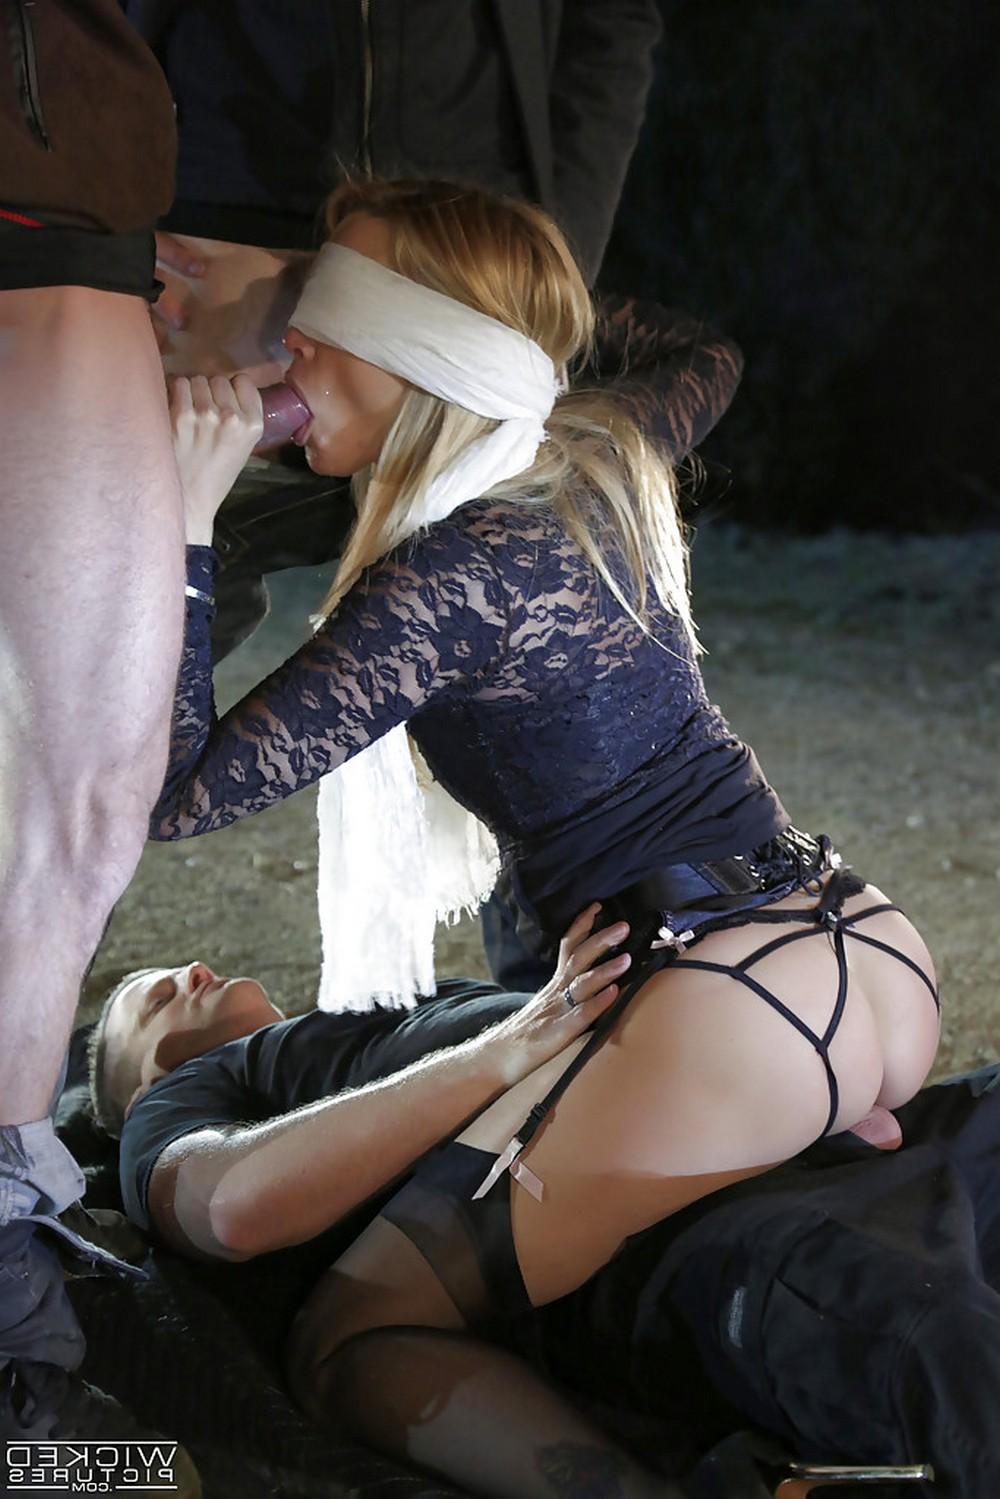 Экстремальный секс на улице с завязанными глазами